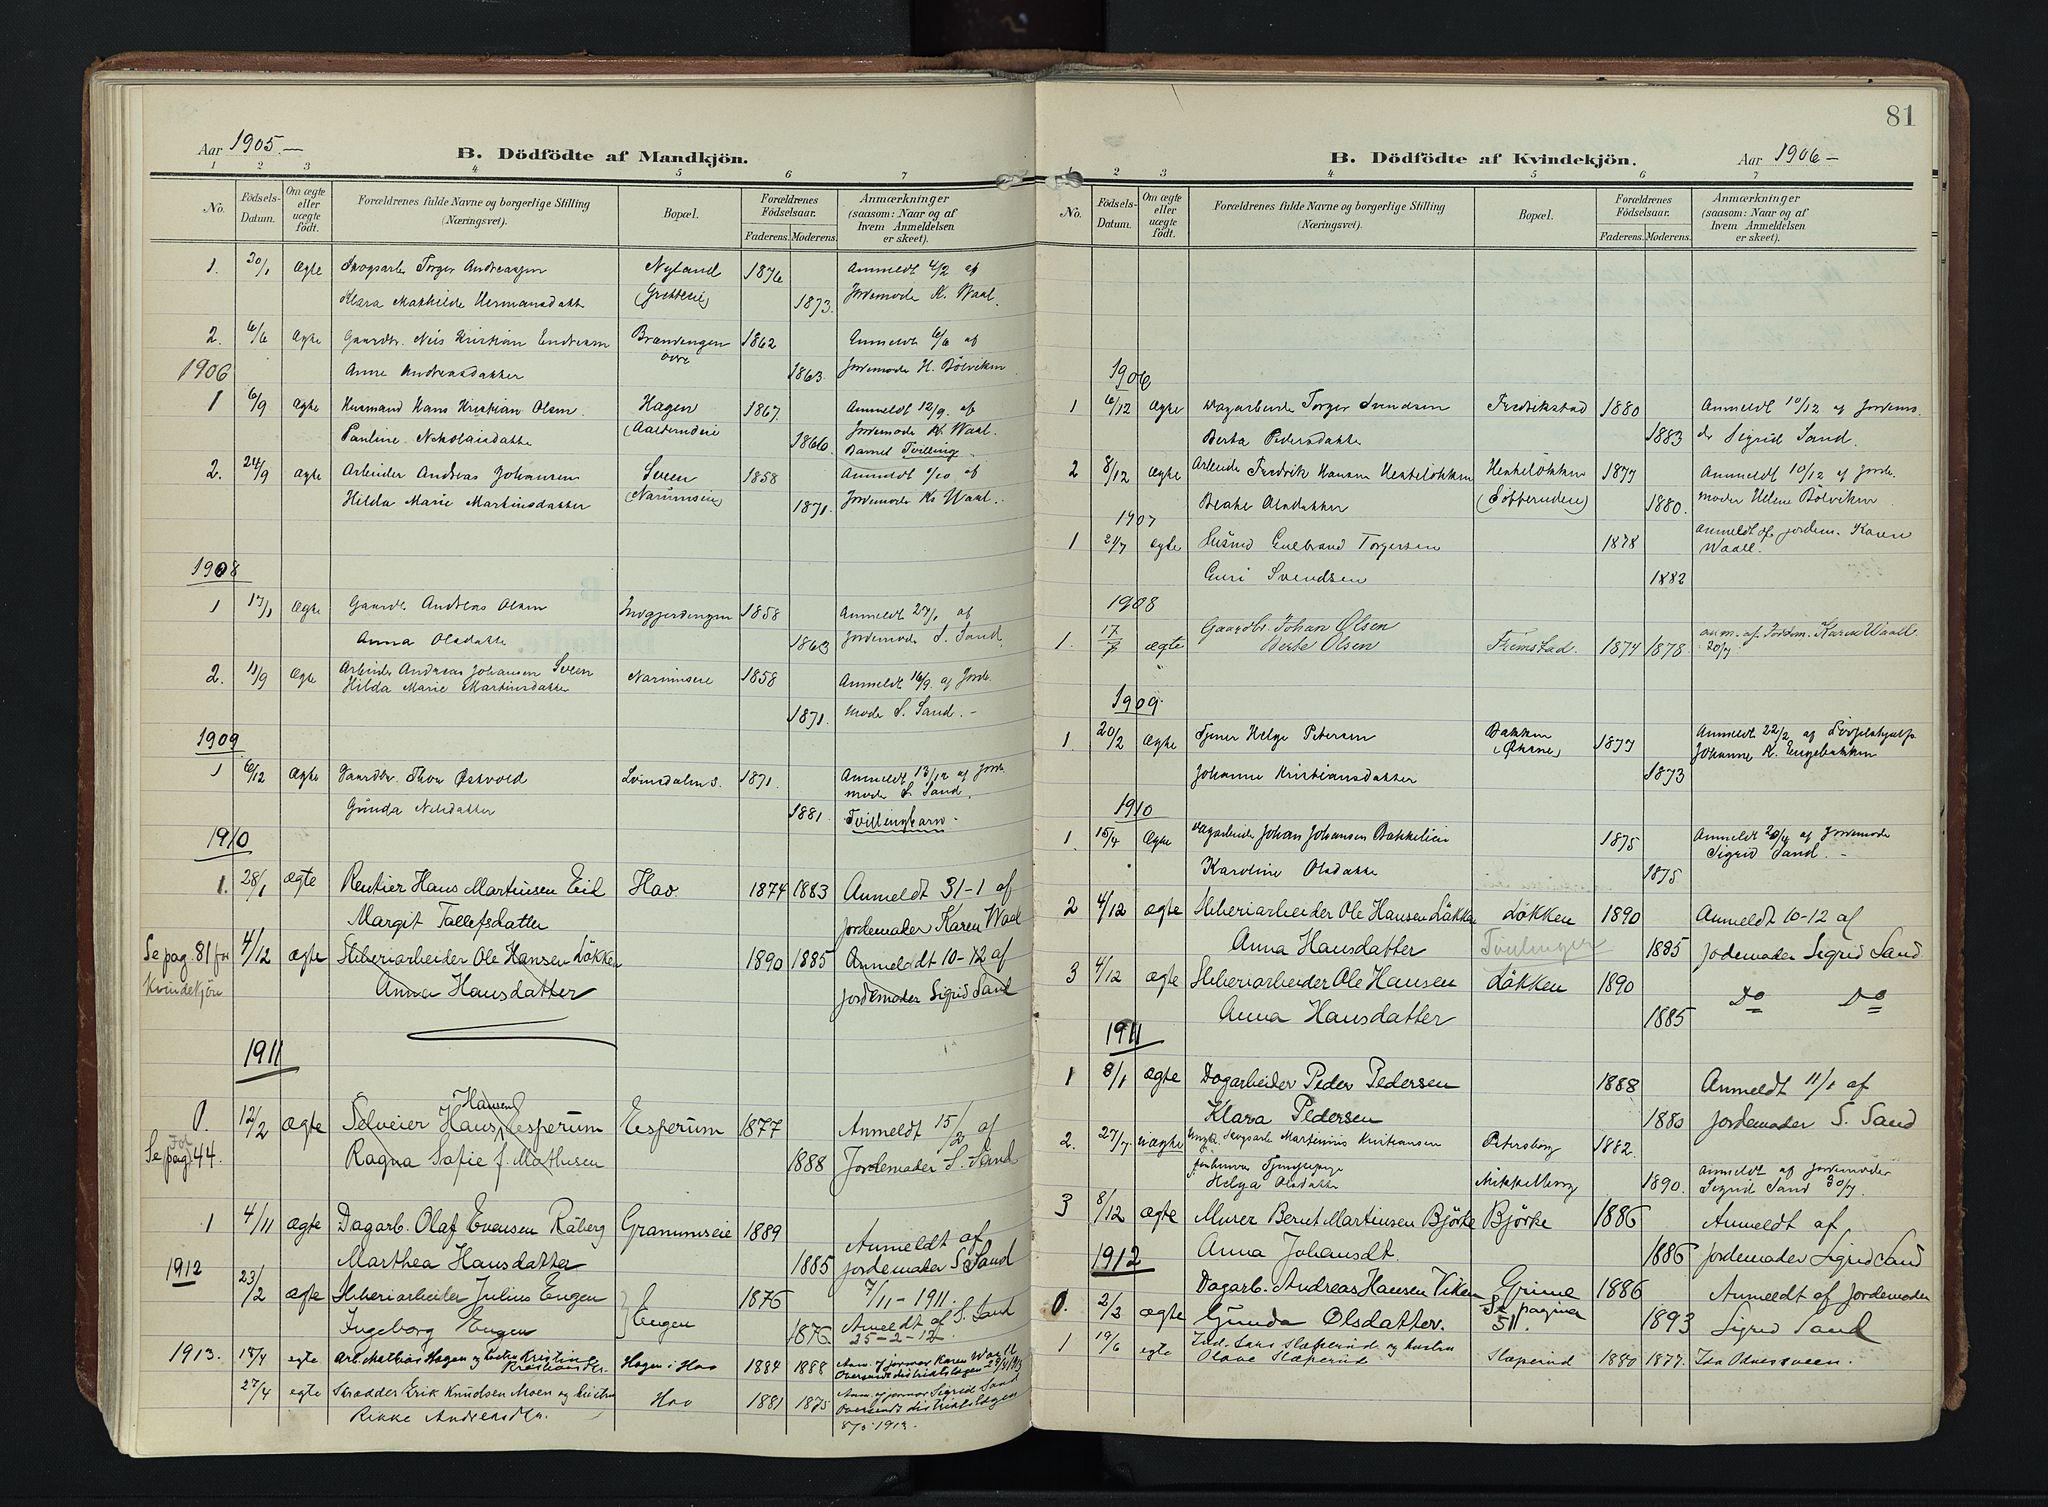 SAH, Søndre Land prestekontor, K/L0007: Ministerialbok nr. 7, 1905-1914, s. 81